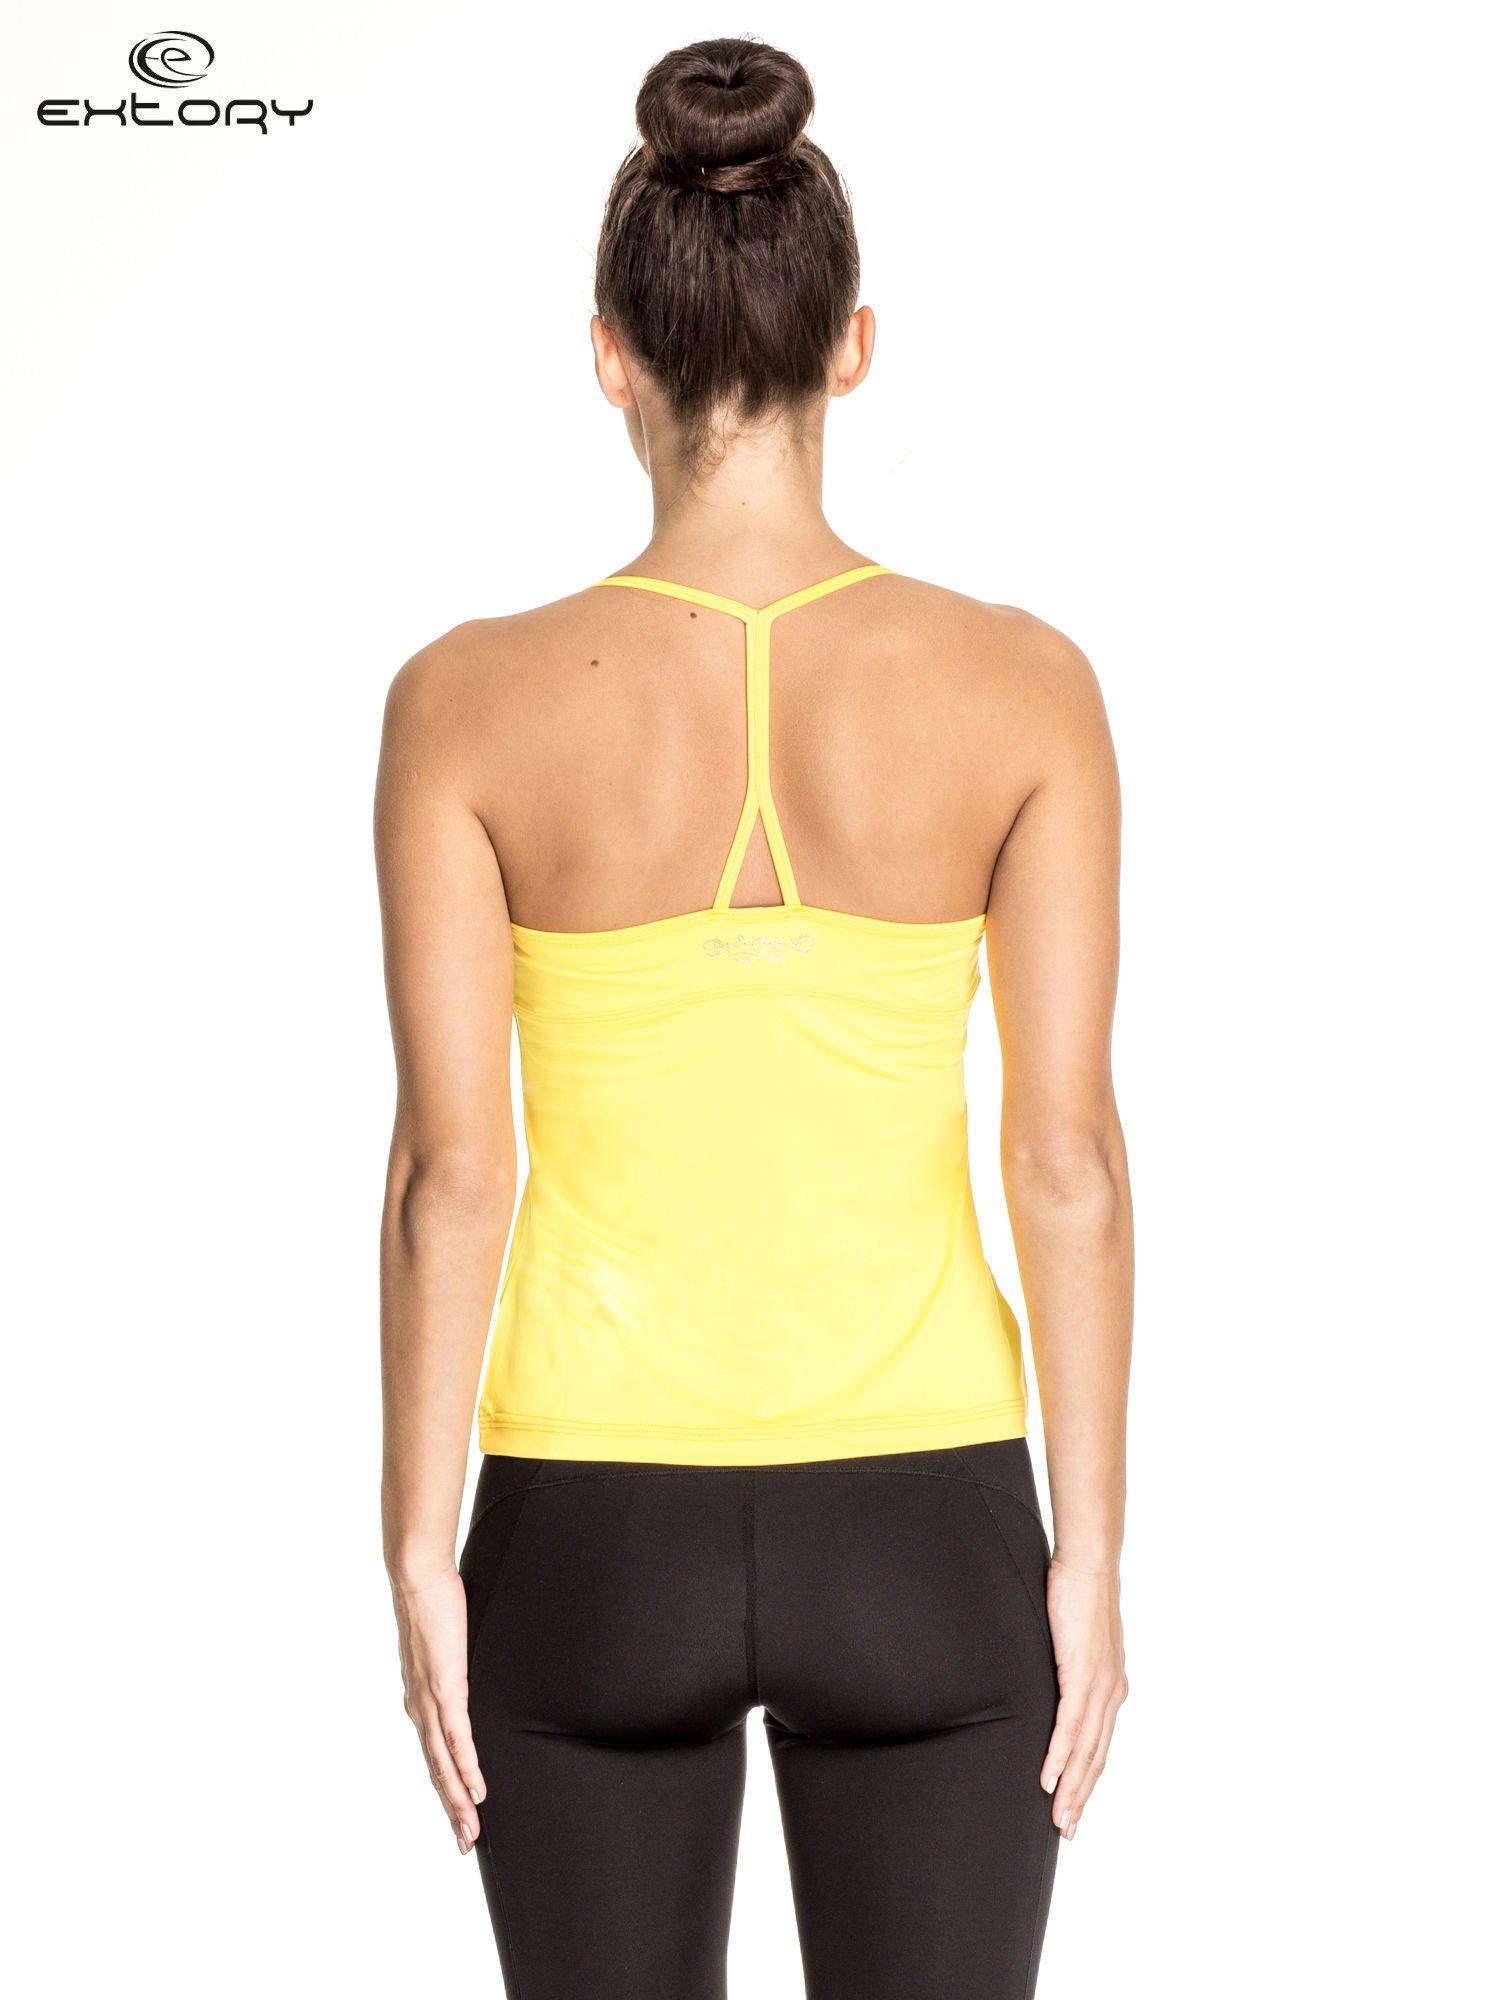 Żółty  top sportowy z siateczką i ramiączkami w kształcie litery T na plecach                                  zdj.                                  2